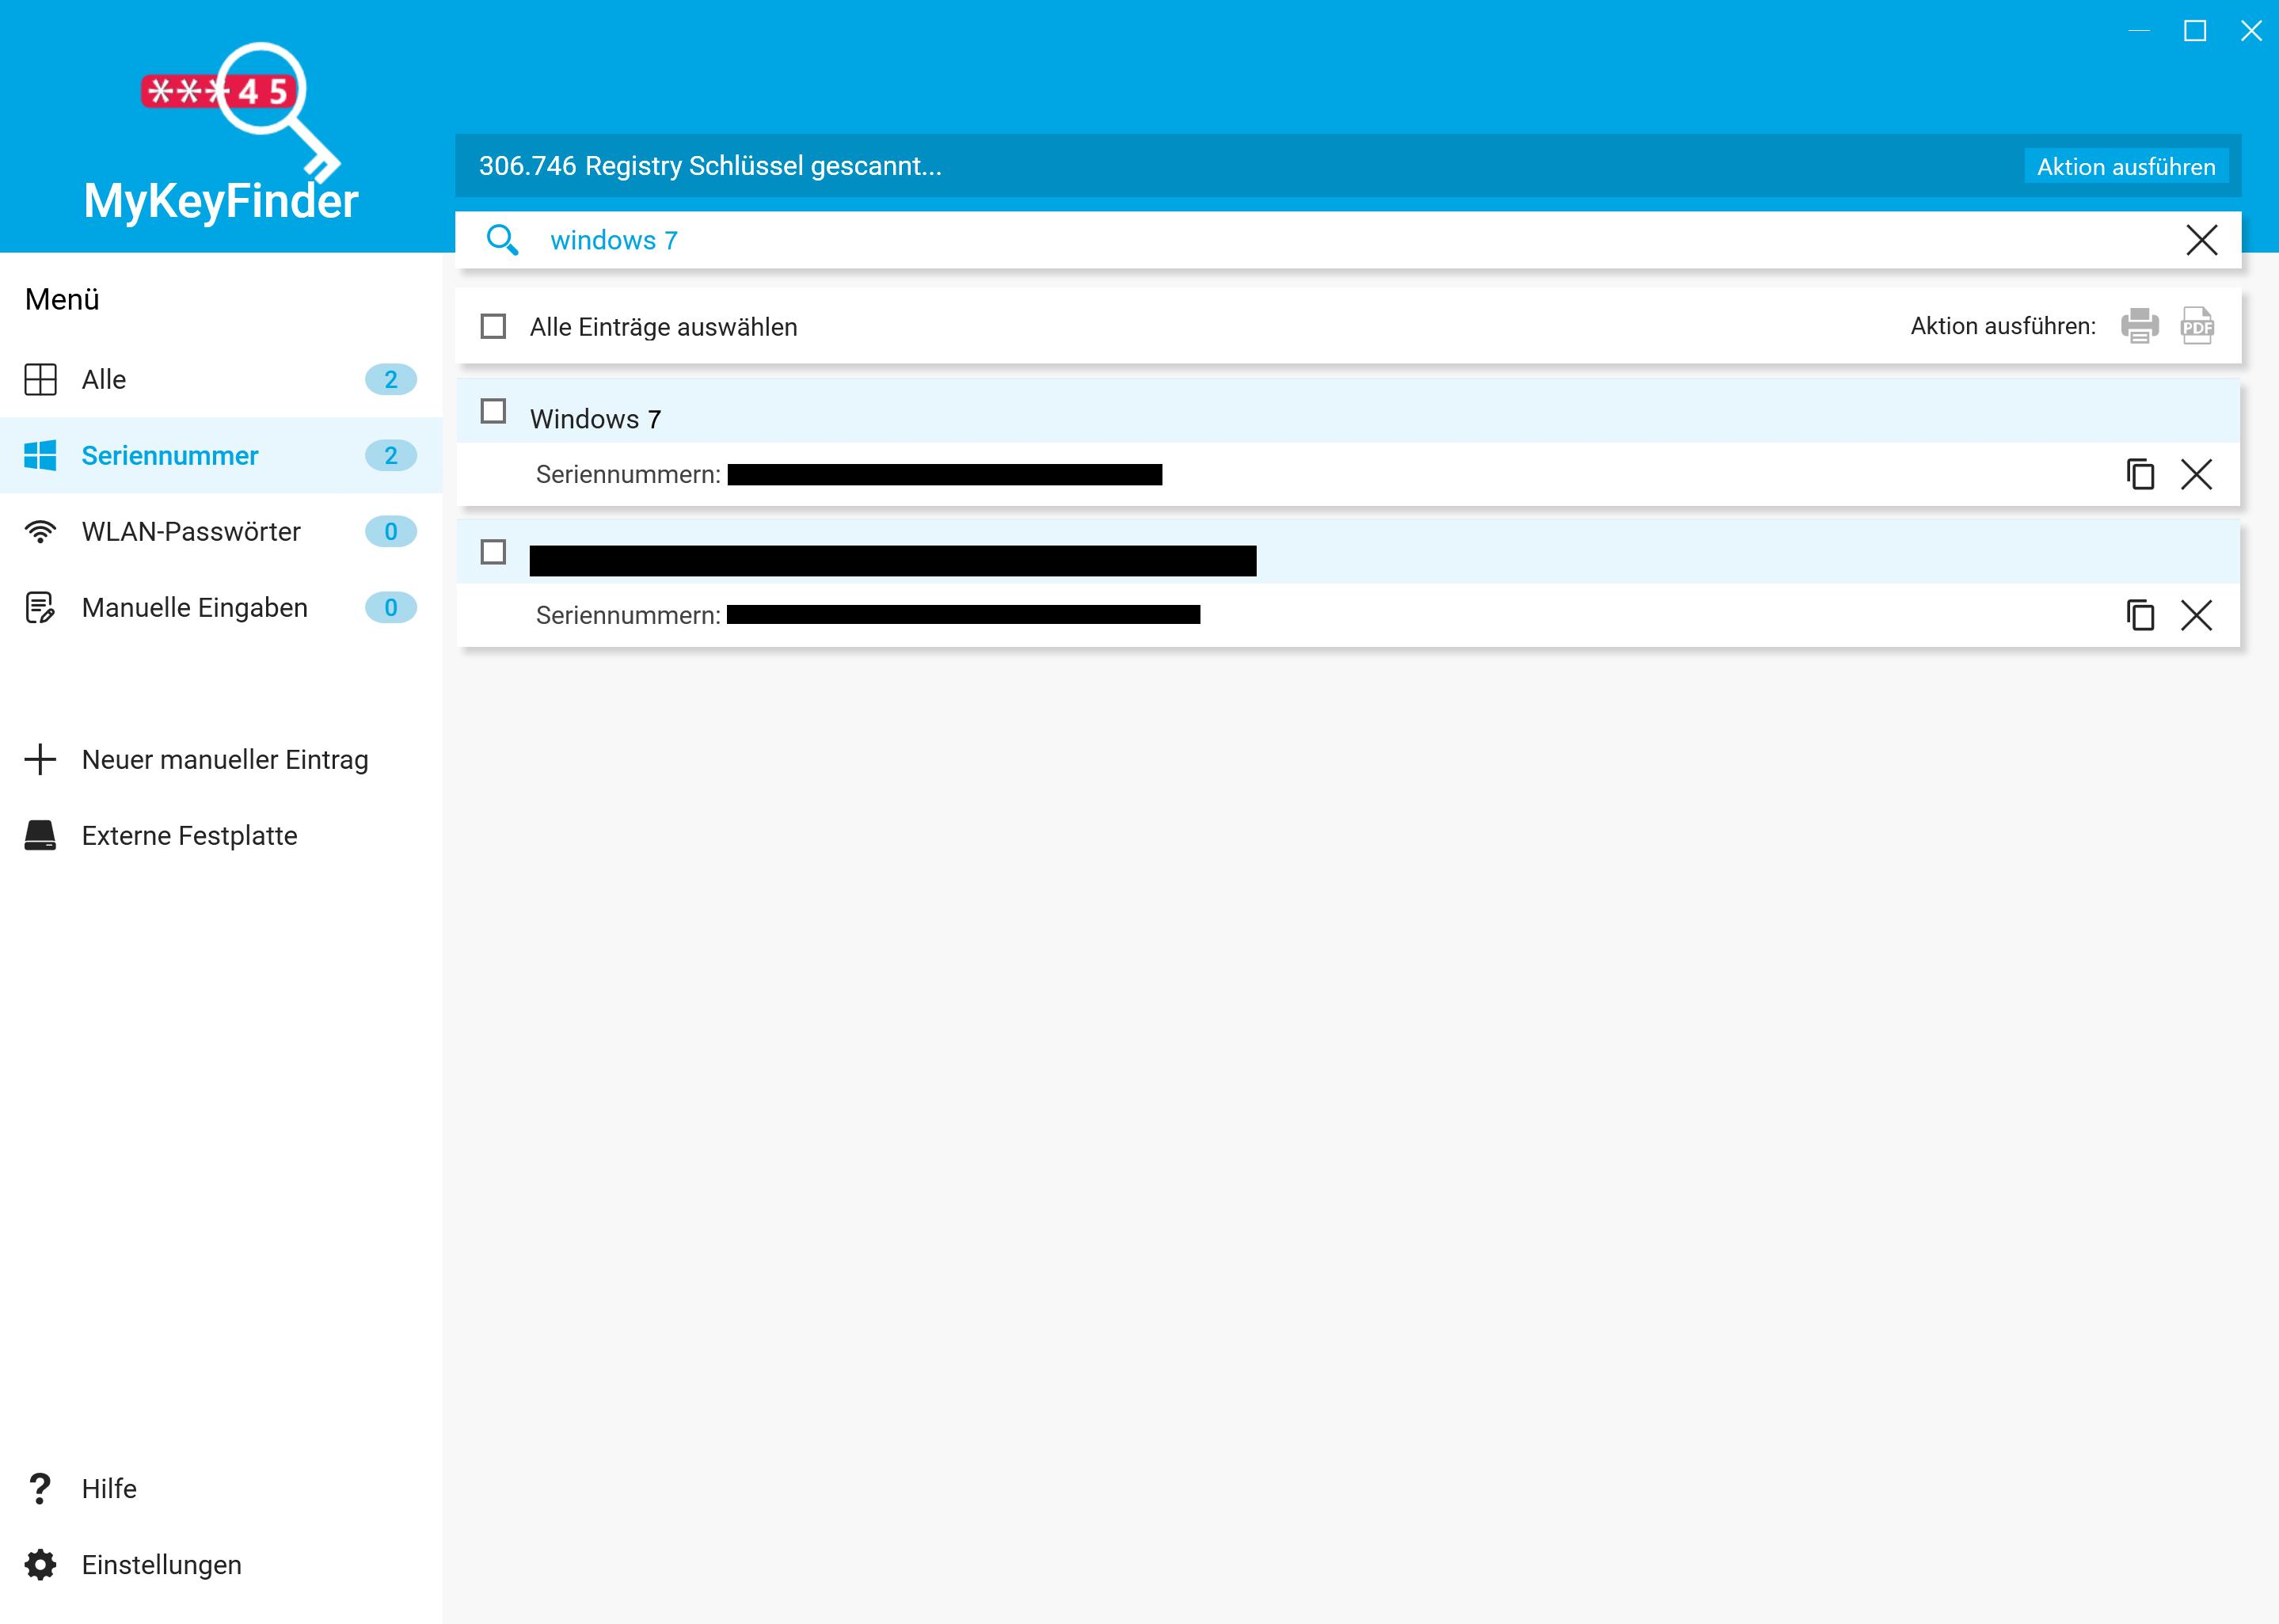 Windows 7 Key auslesen und herausfinden - Nach Windows 7 Schlüsseln suchen